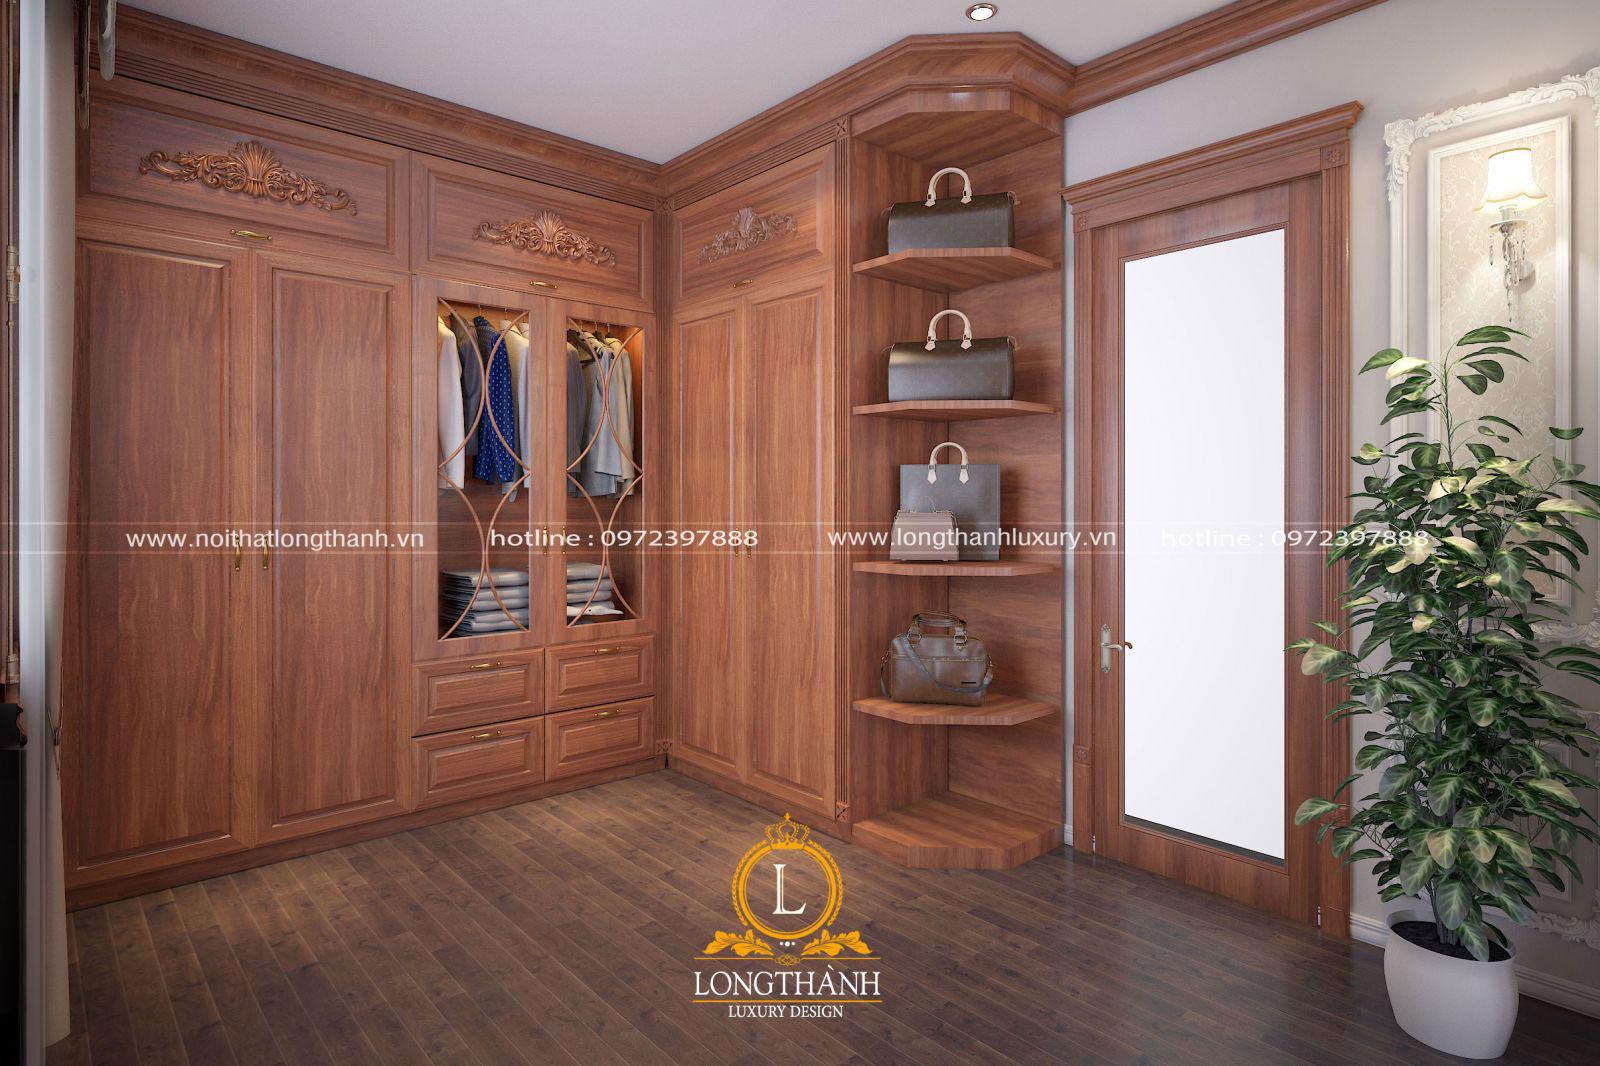 Tủ quần áo gỗ gụ sang trọng